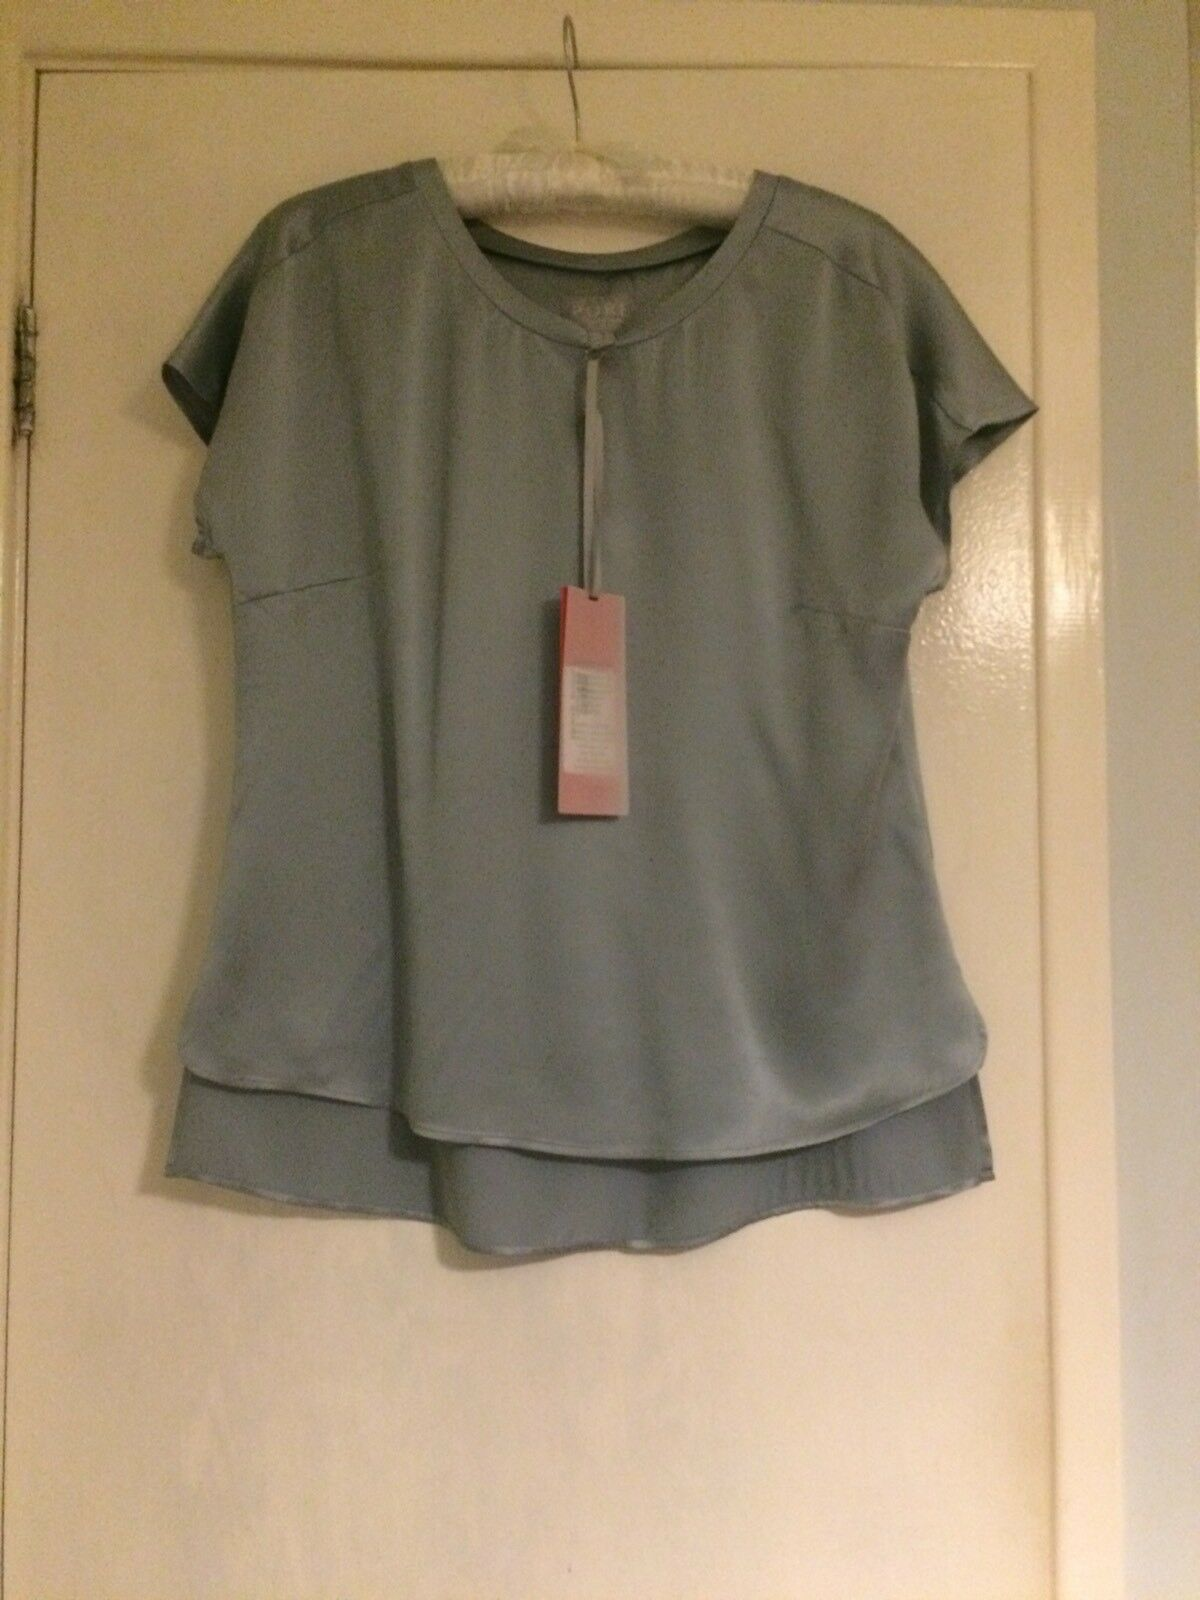 PURA SETA Collezione T-shirt Alba Nebbia 8